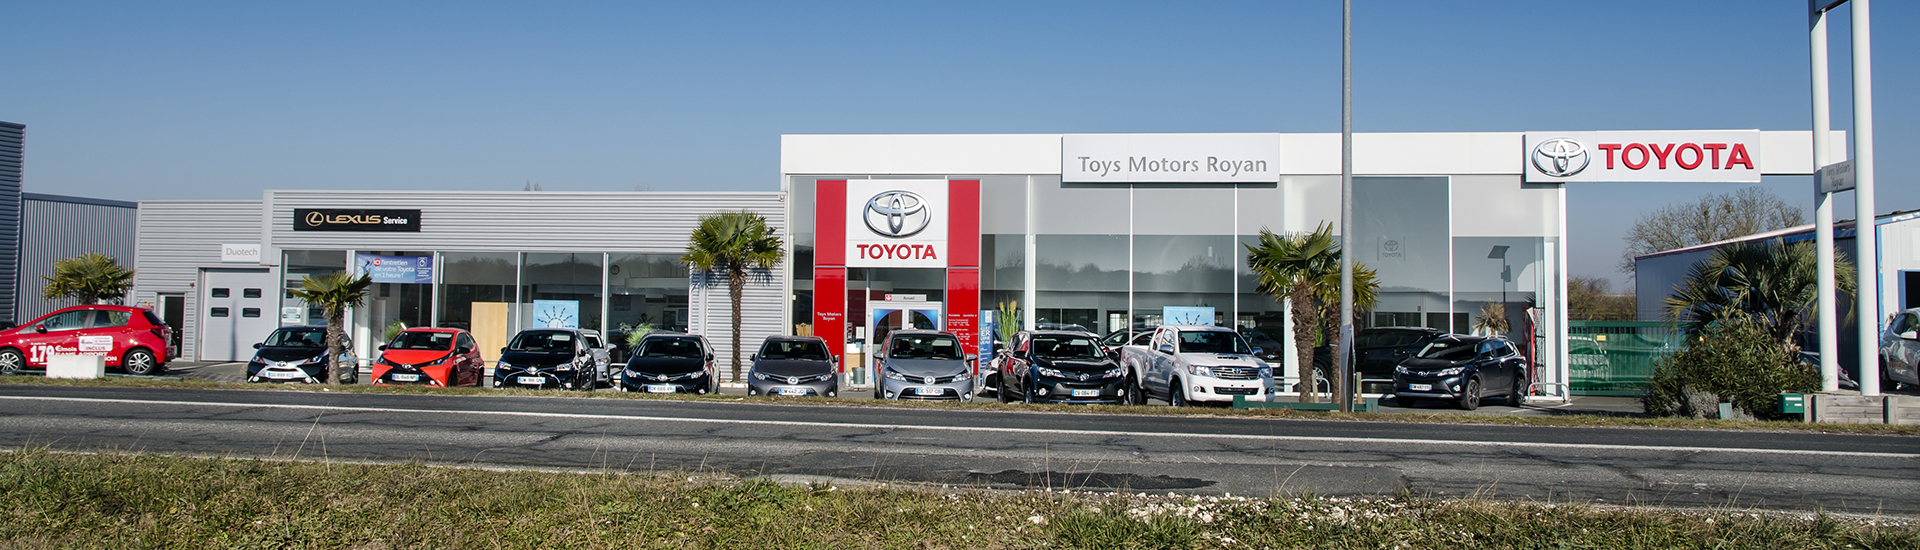 Concession TOYOTA Toys Motors à Royan en Charente-Maritime (17).